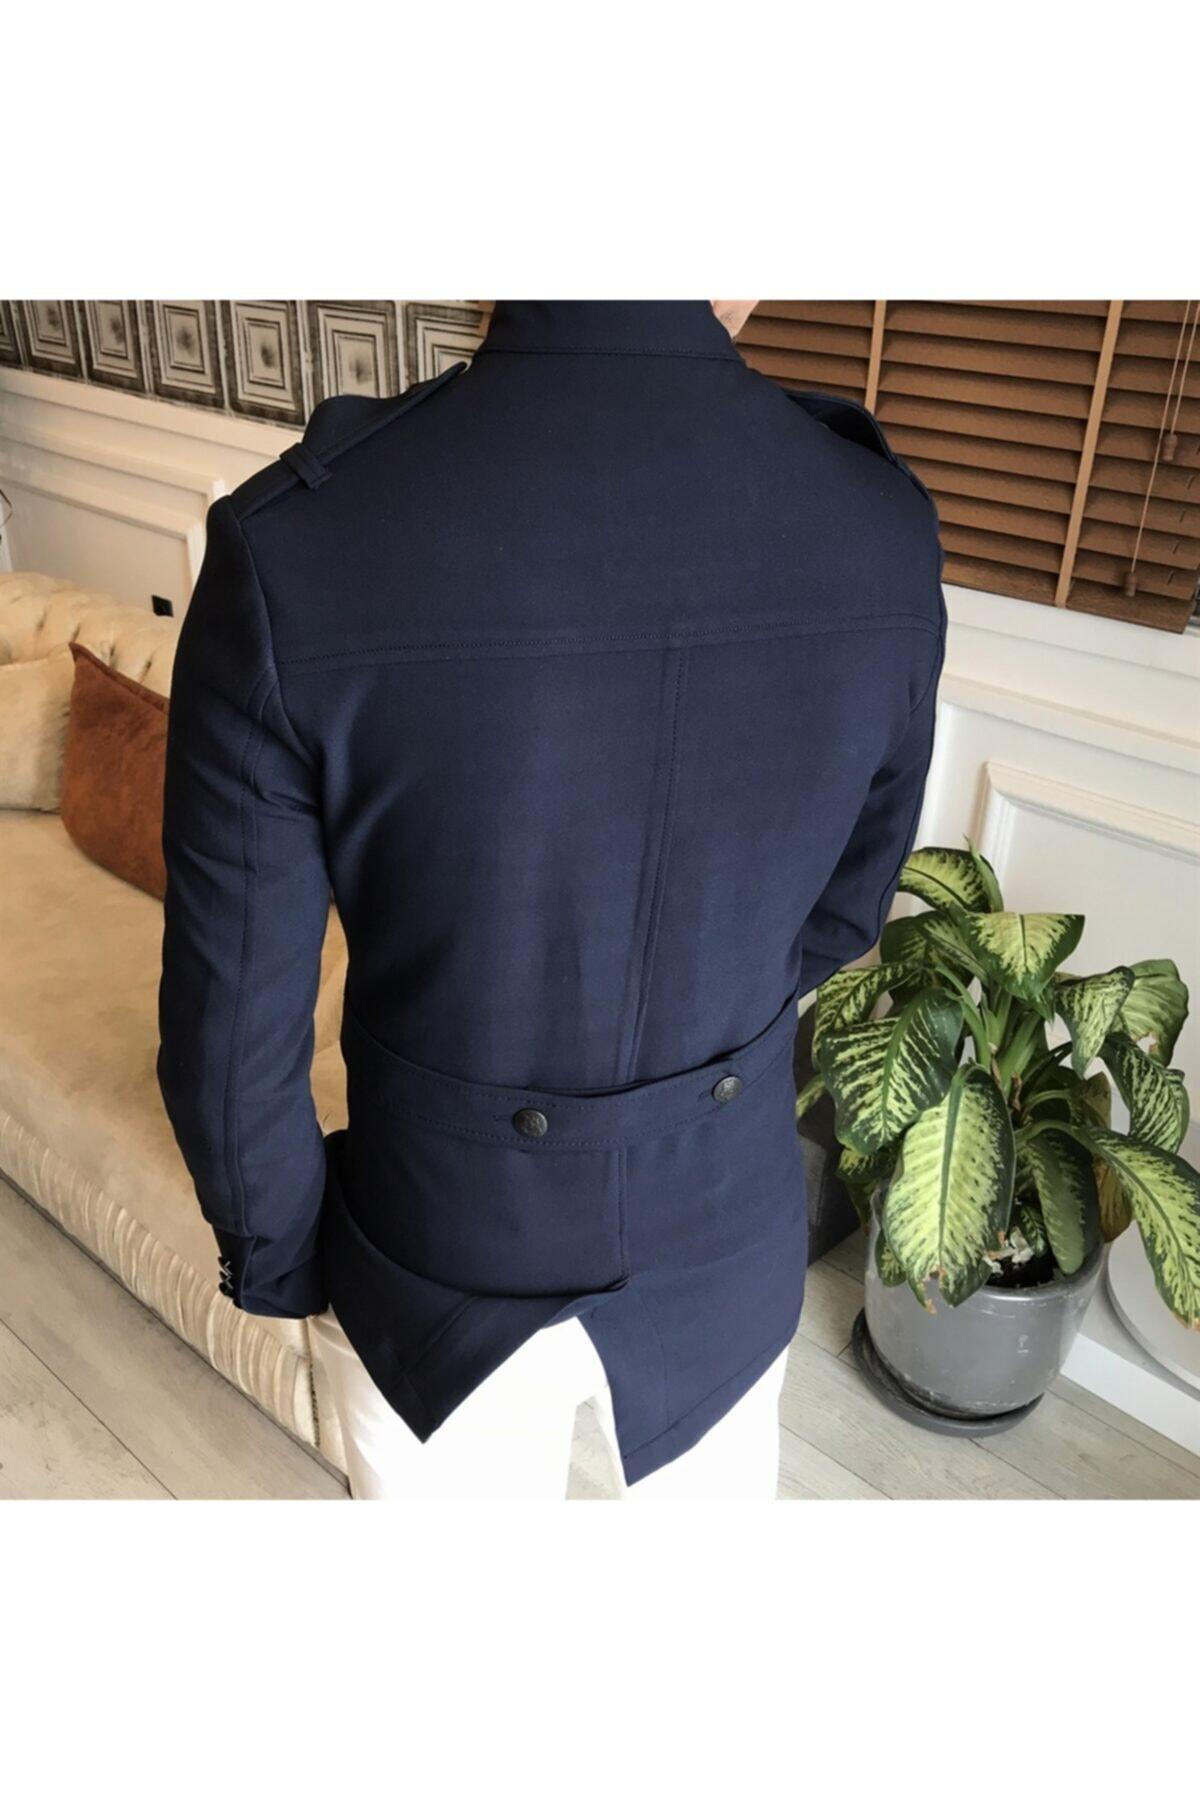 کت تک مردانه جدید برند TerziAdemAltun رنگ لاجوردی کد ty89225301